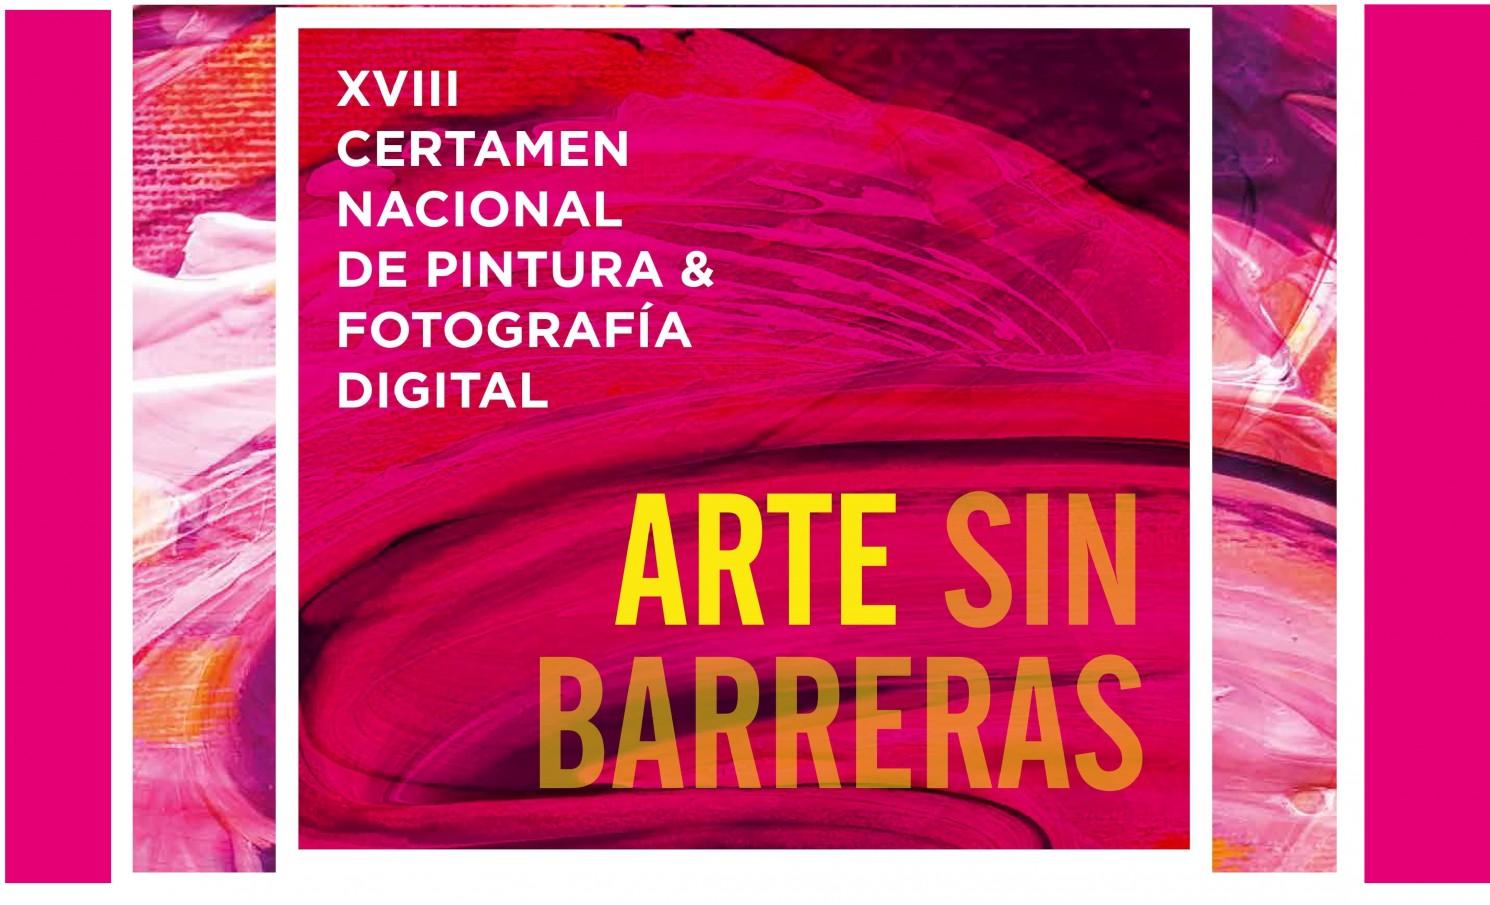 """XVIII CERTAMEN NACIONAL DE PINTURA Y FOTOGRAFÍA DIGITAL """"ARTE SIN BARRERAS"""""""